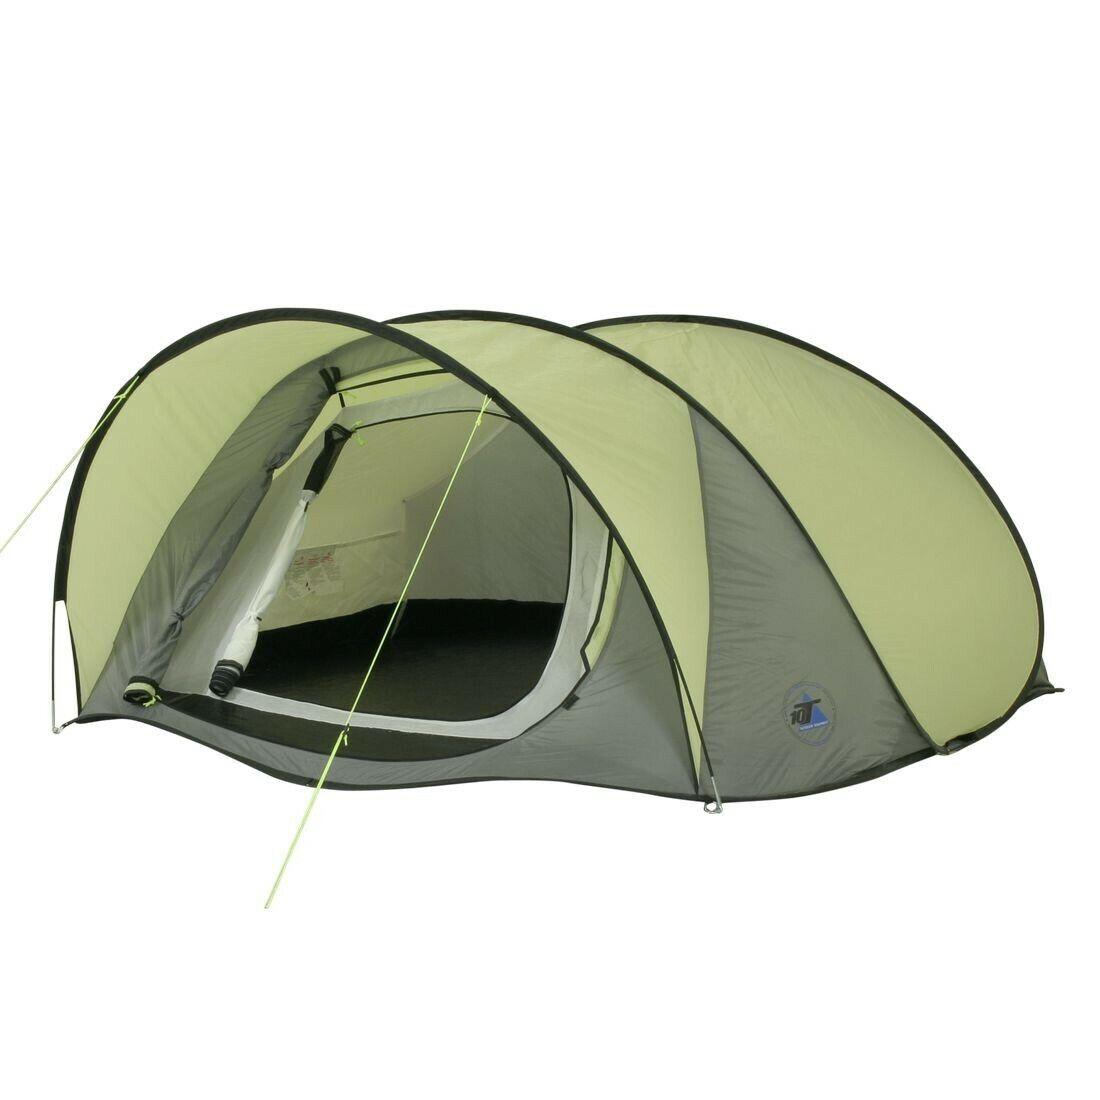 10T Camping-Zelt Maxi Pop 3   Pop-Up Wurfzelt   3 Personen   wasserdicht grün